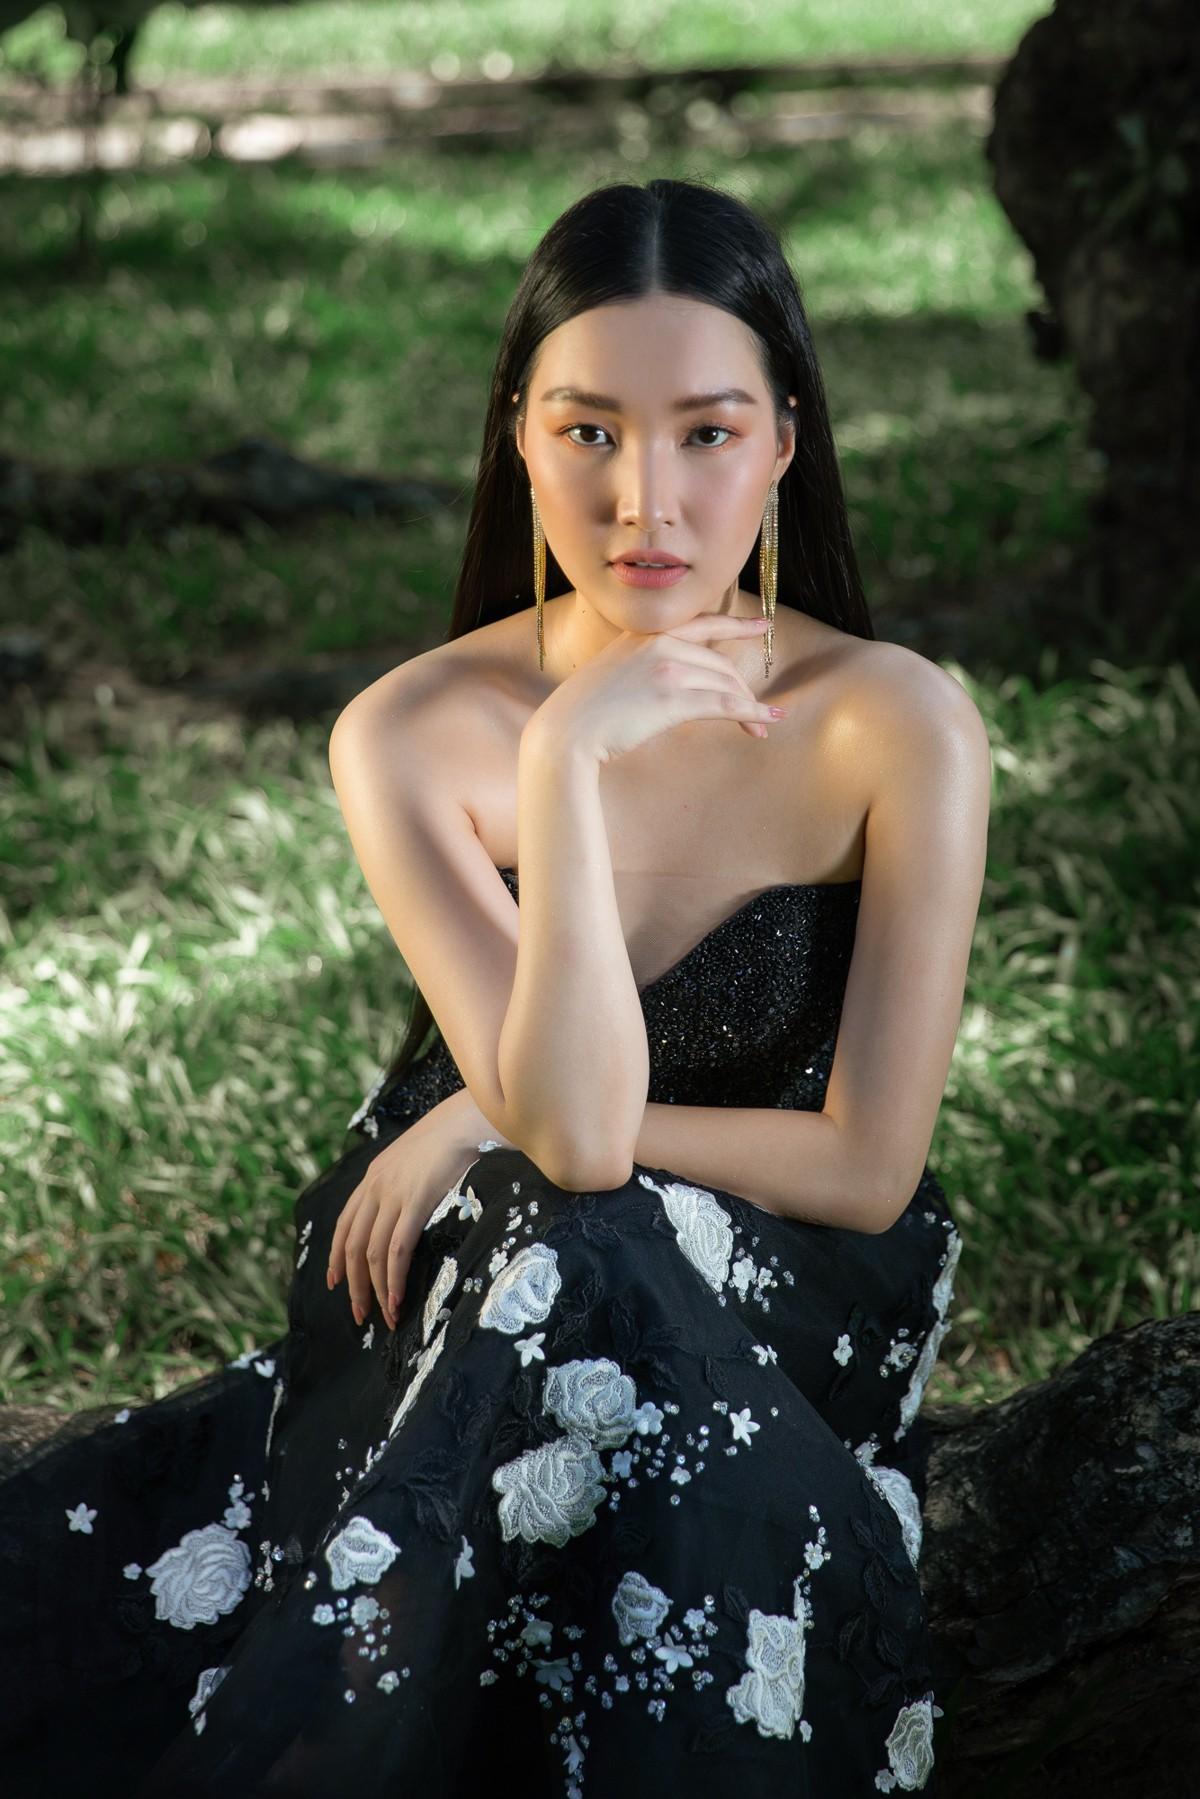 'Nàng thơ xứ Huế' Ngọc Trân cuốn hút với nét mơ màng trong loạt váy áo e ấp Ảnh 14